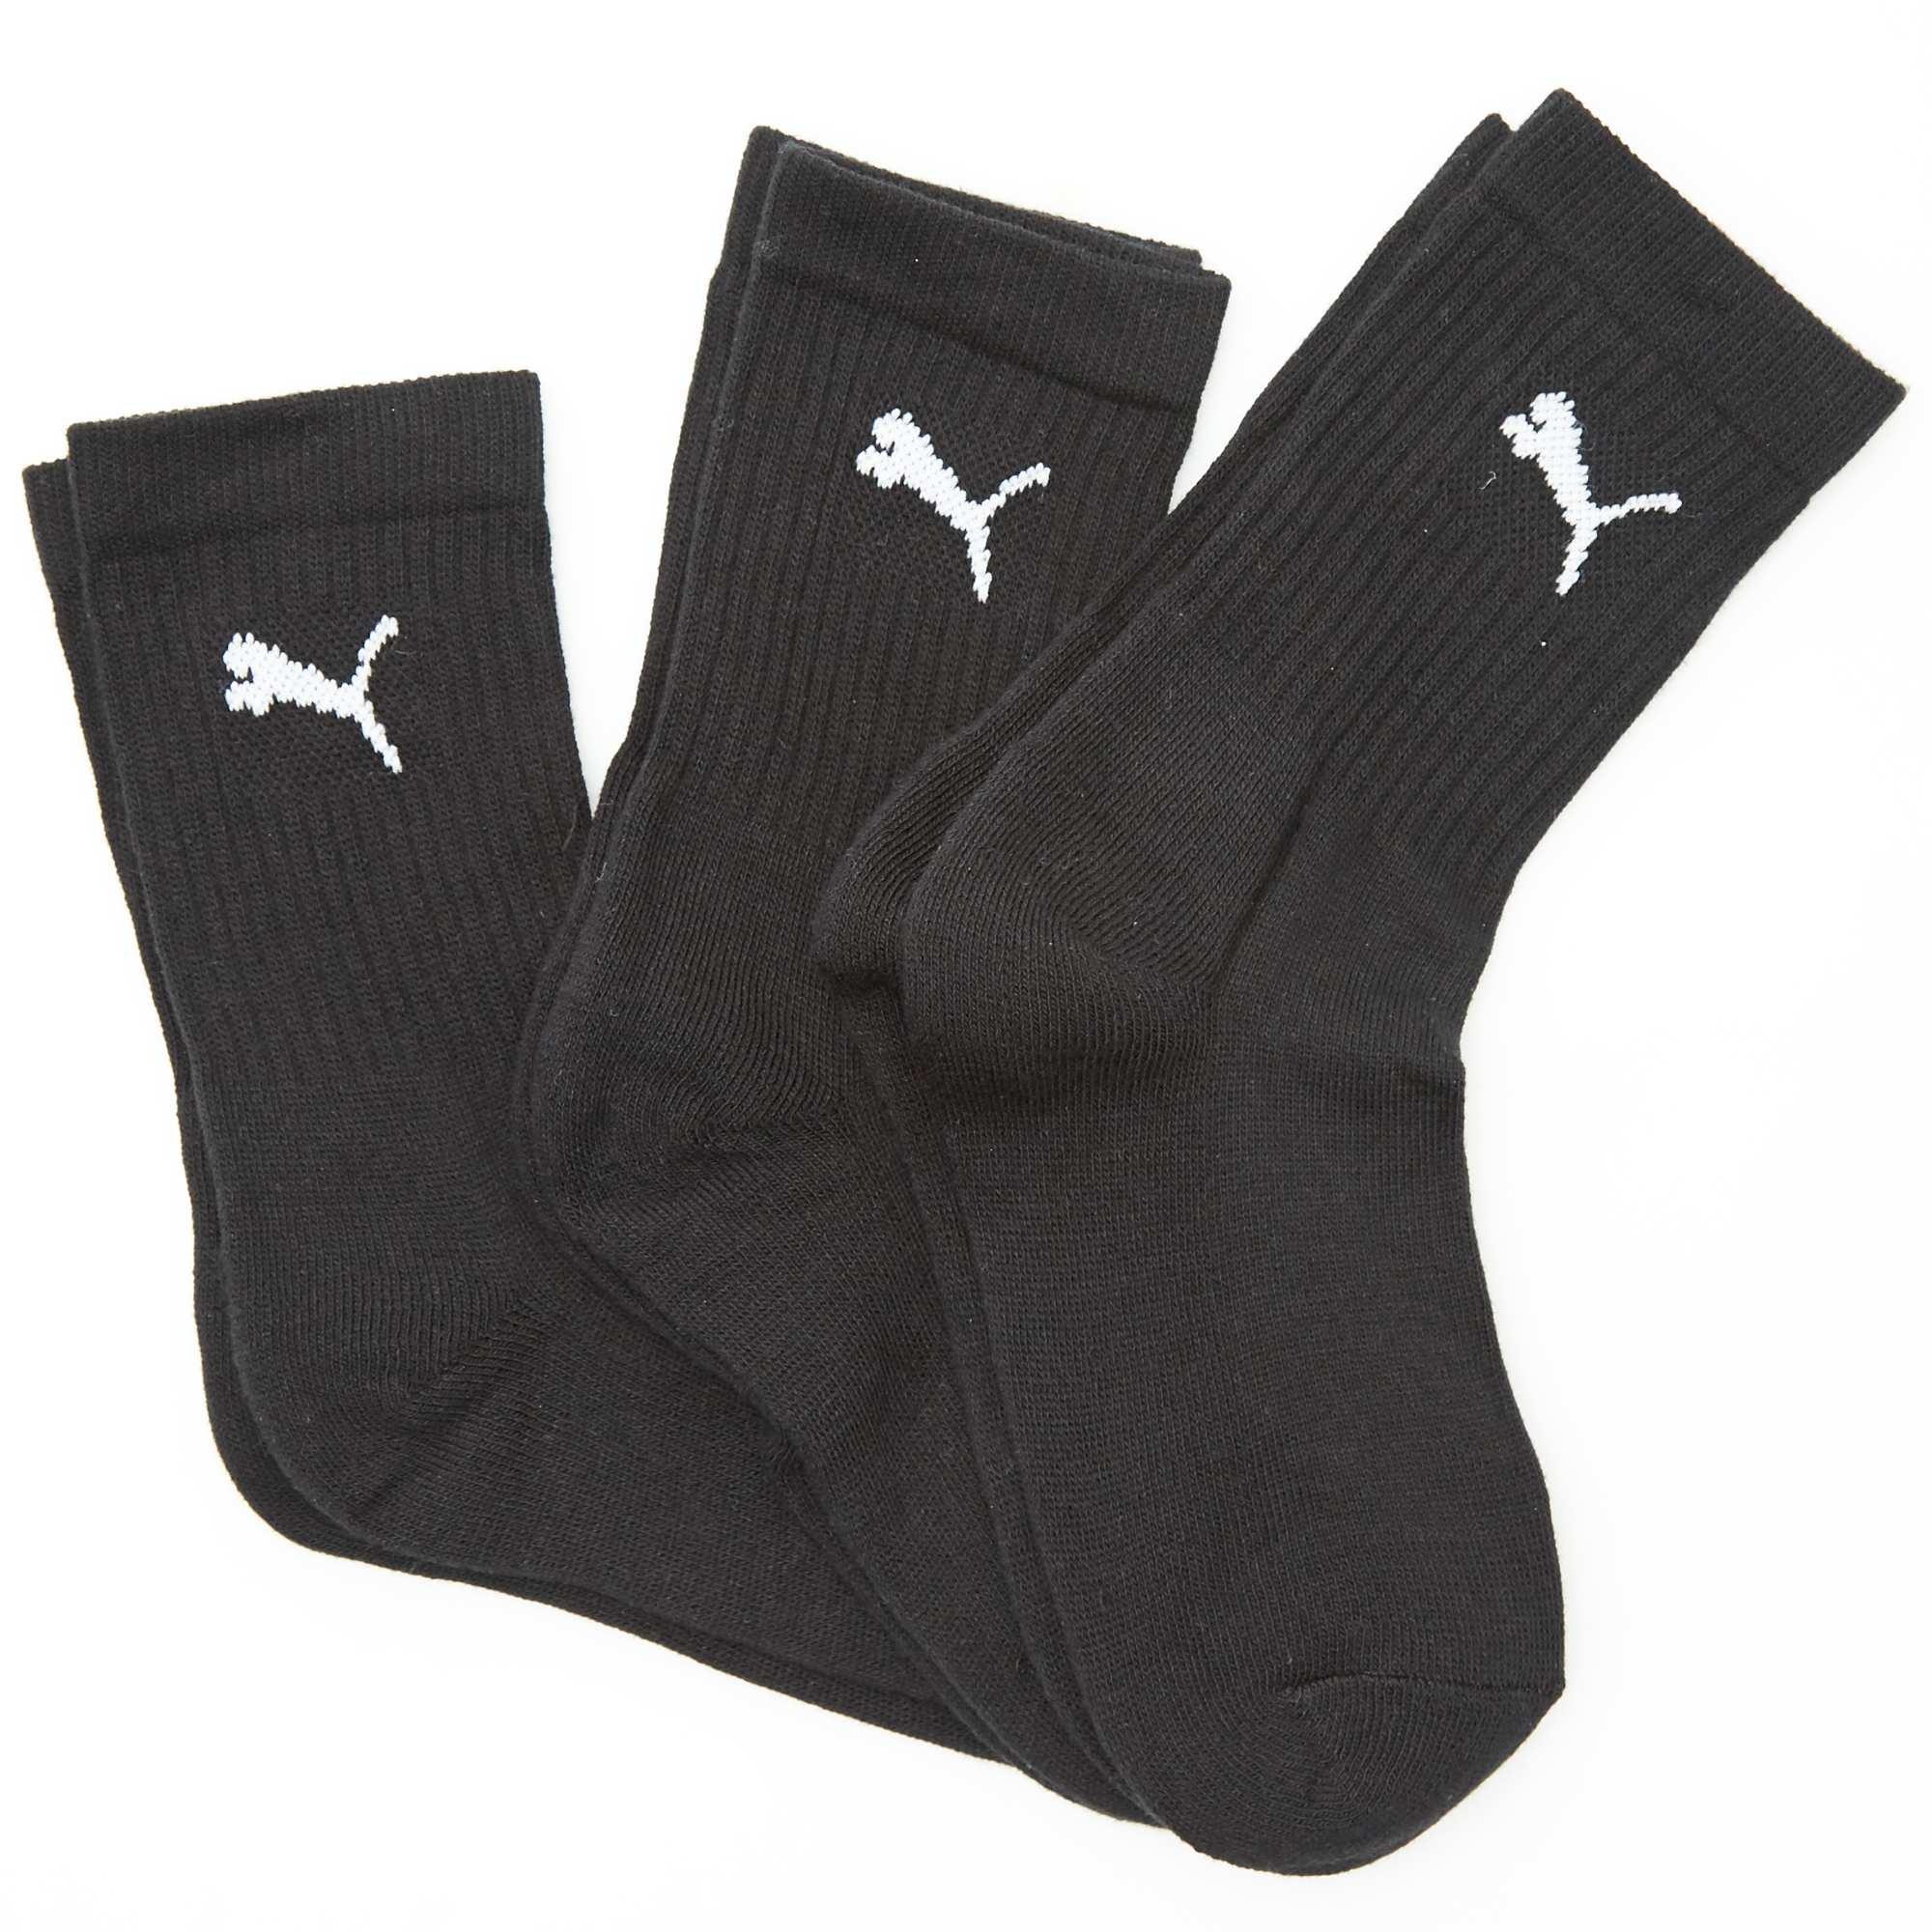 lot de 3 paires de chaussettes de sport 39 puma 39 gar on noir kiabi 7 99. Black Bedroom Furniture Sets. Home Design Ideas